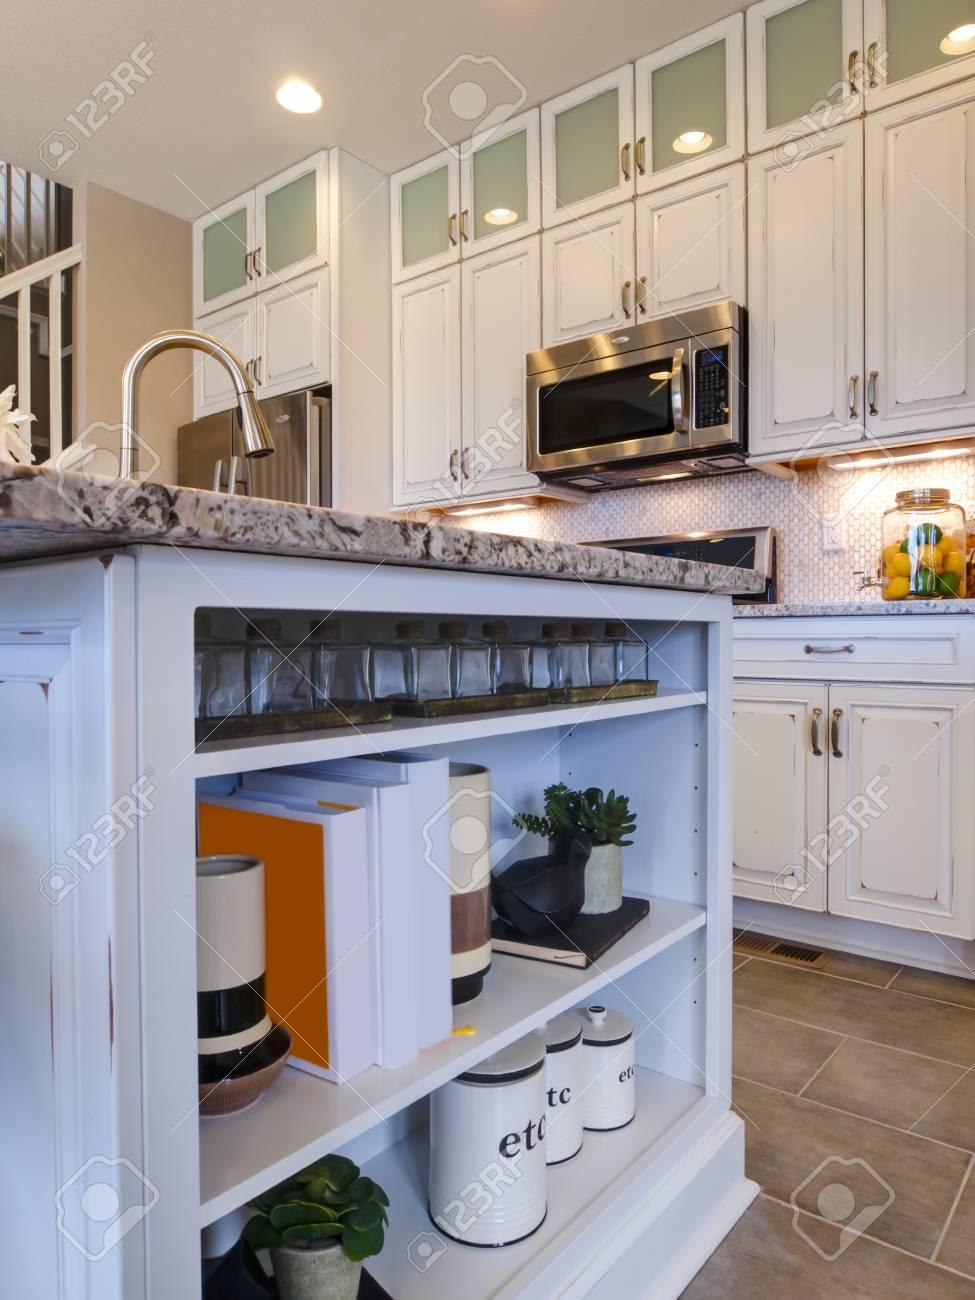 Wundervoll Moderne Küche Mit Weißen Schränke Und Edelstahl Geräte. Standard Bild    15079408